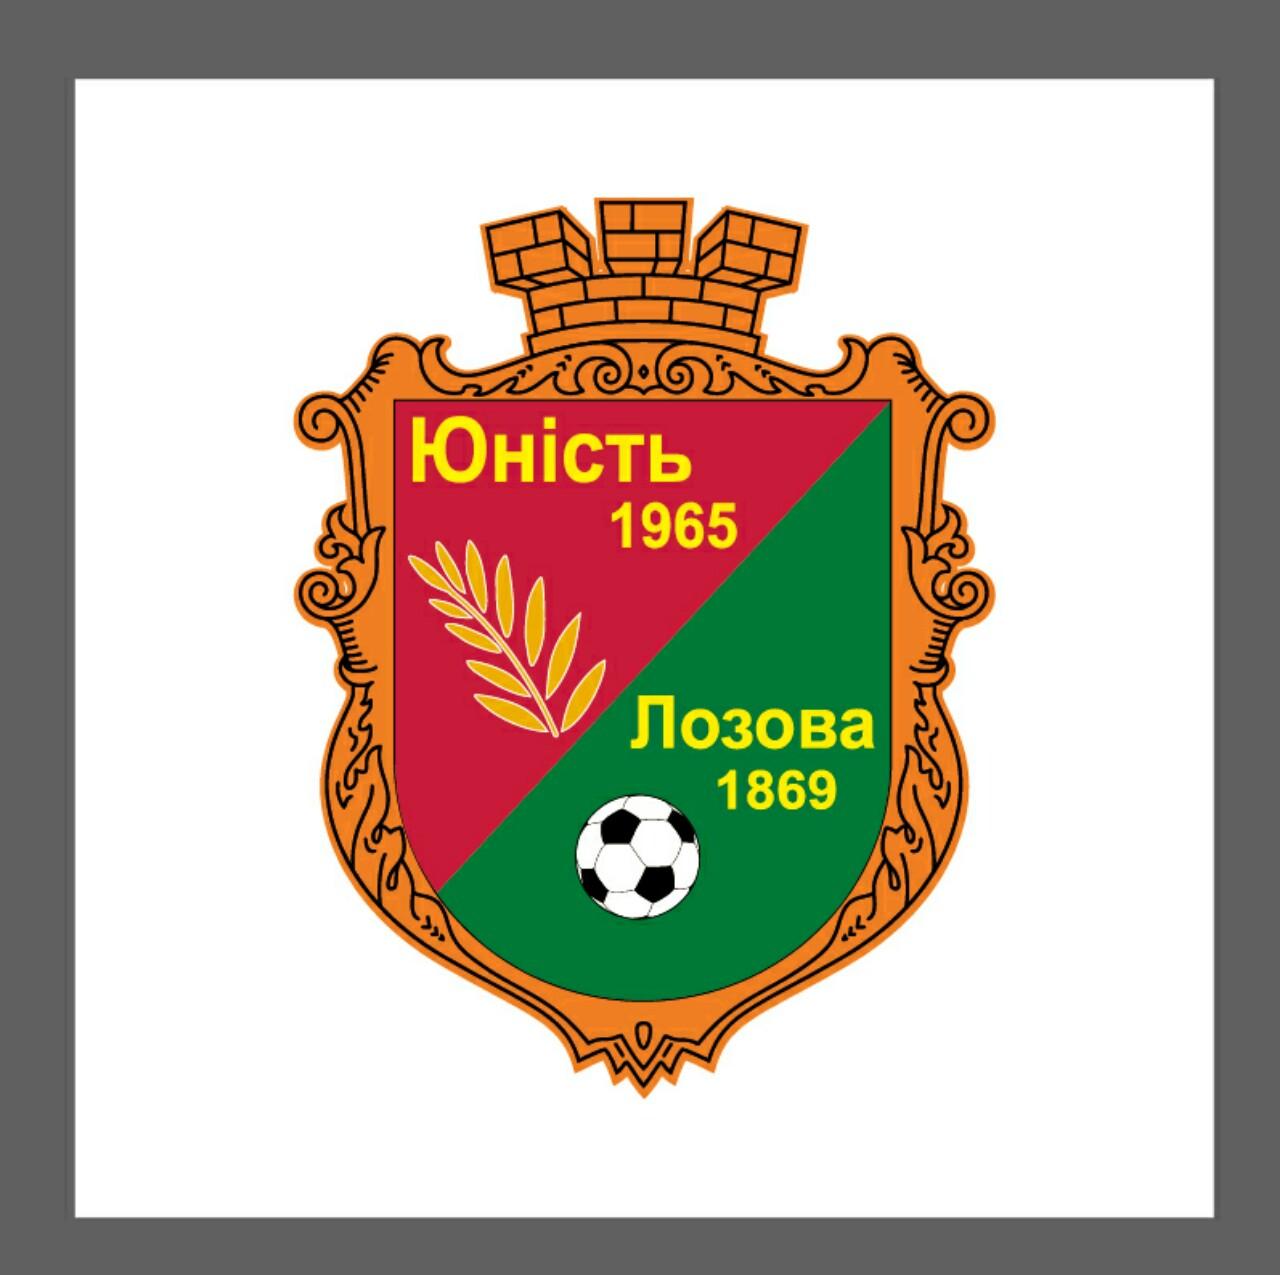 """ДЮСШ """"Юність-2"""" м. Лозова, Харківська обл."""